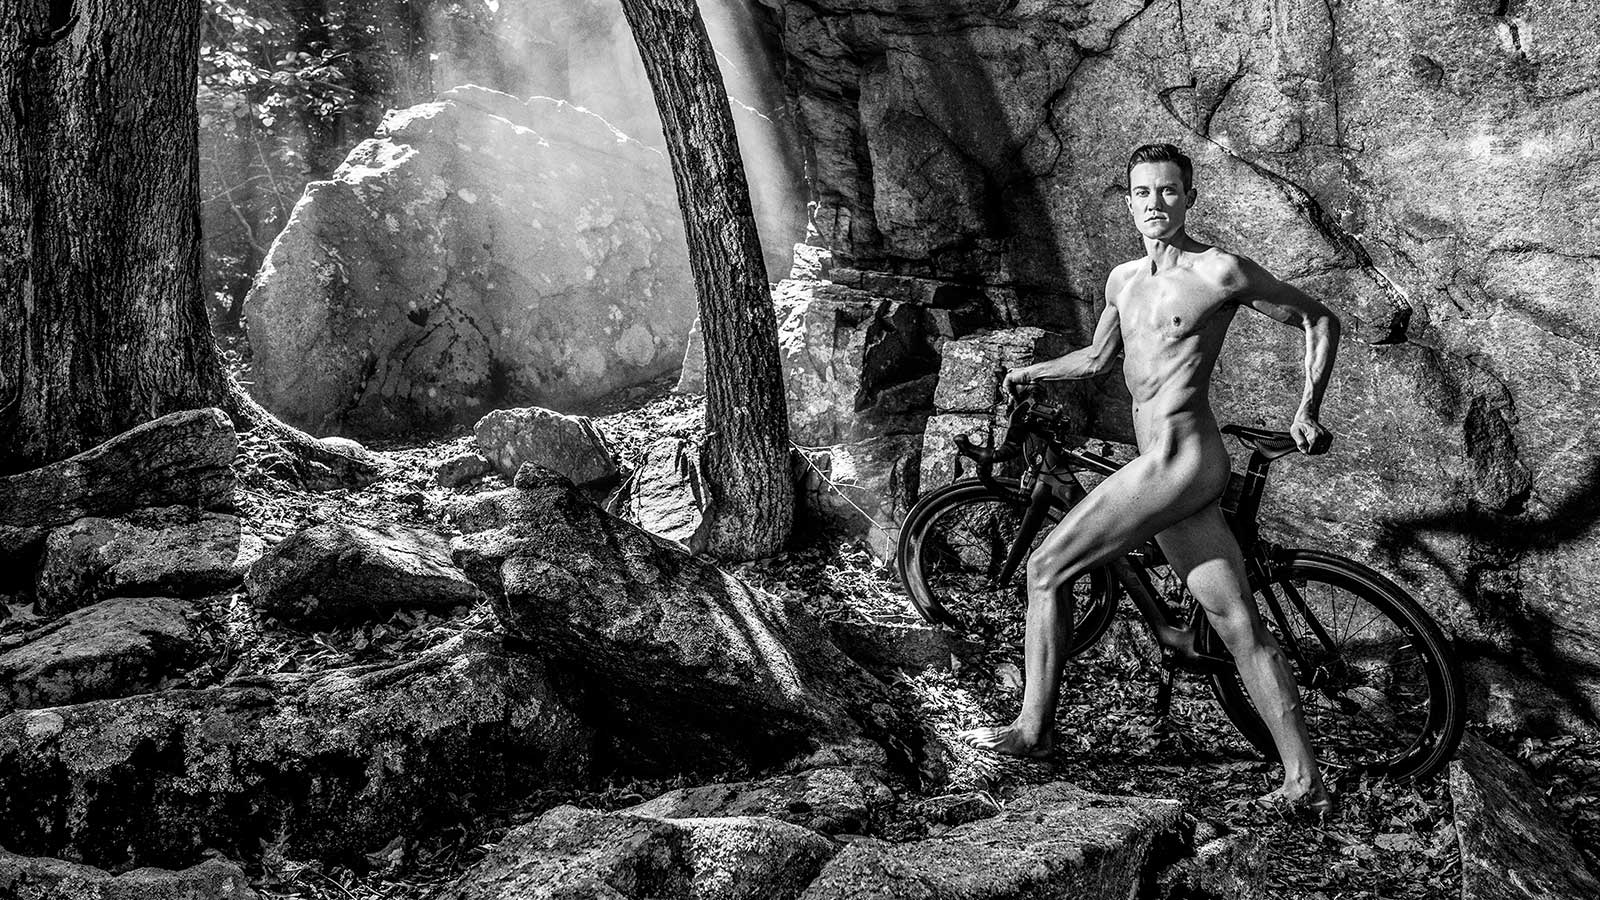 Chris Mosier. В ежегодной фотосессии Body Issue для журнала ESPN приняли участие 20 известных спортсменов